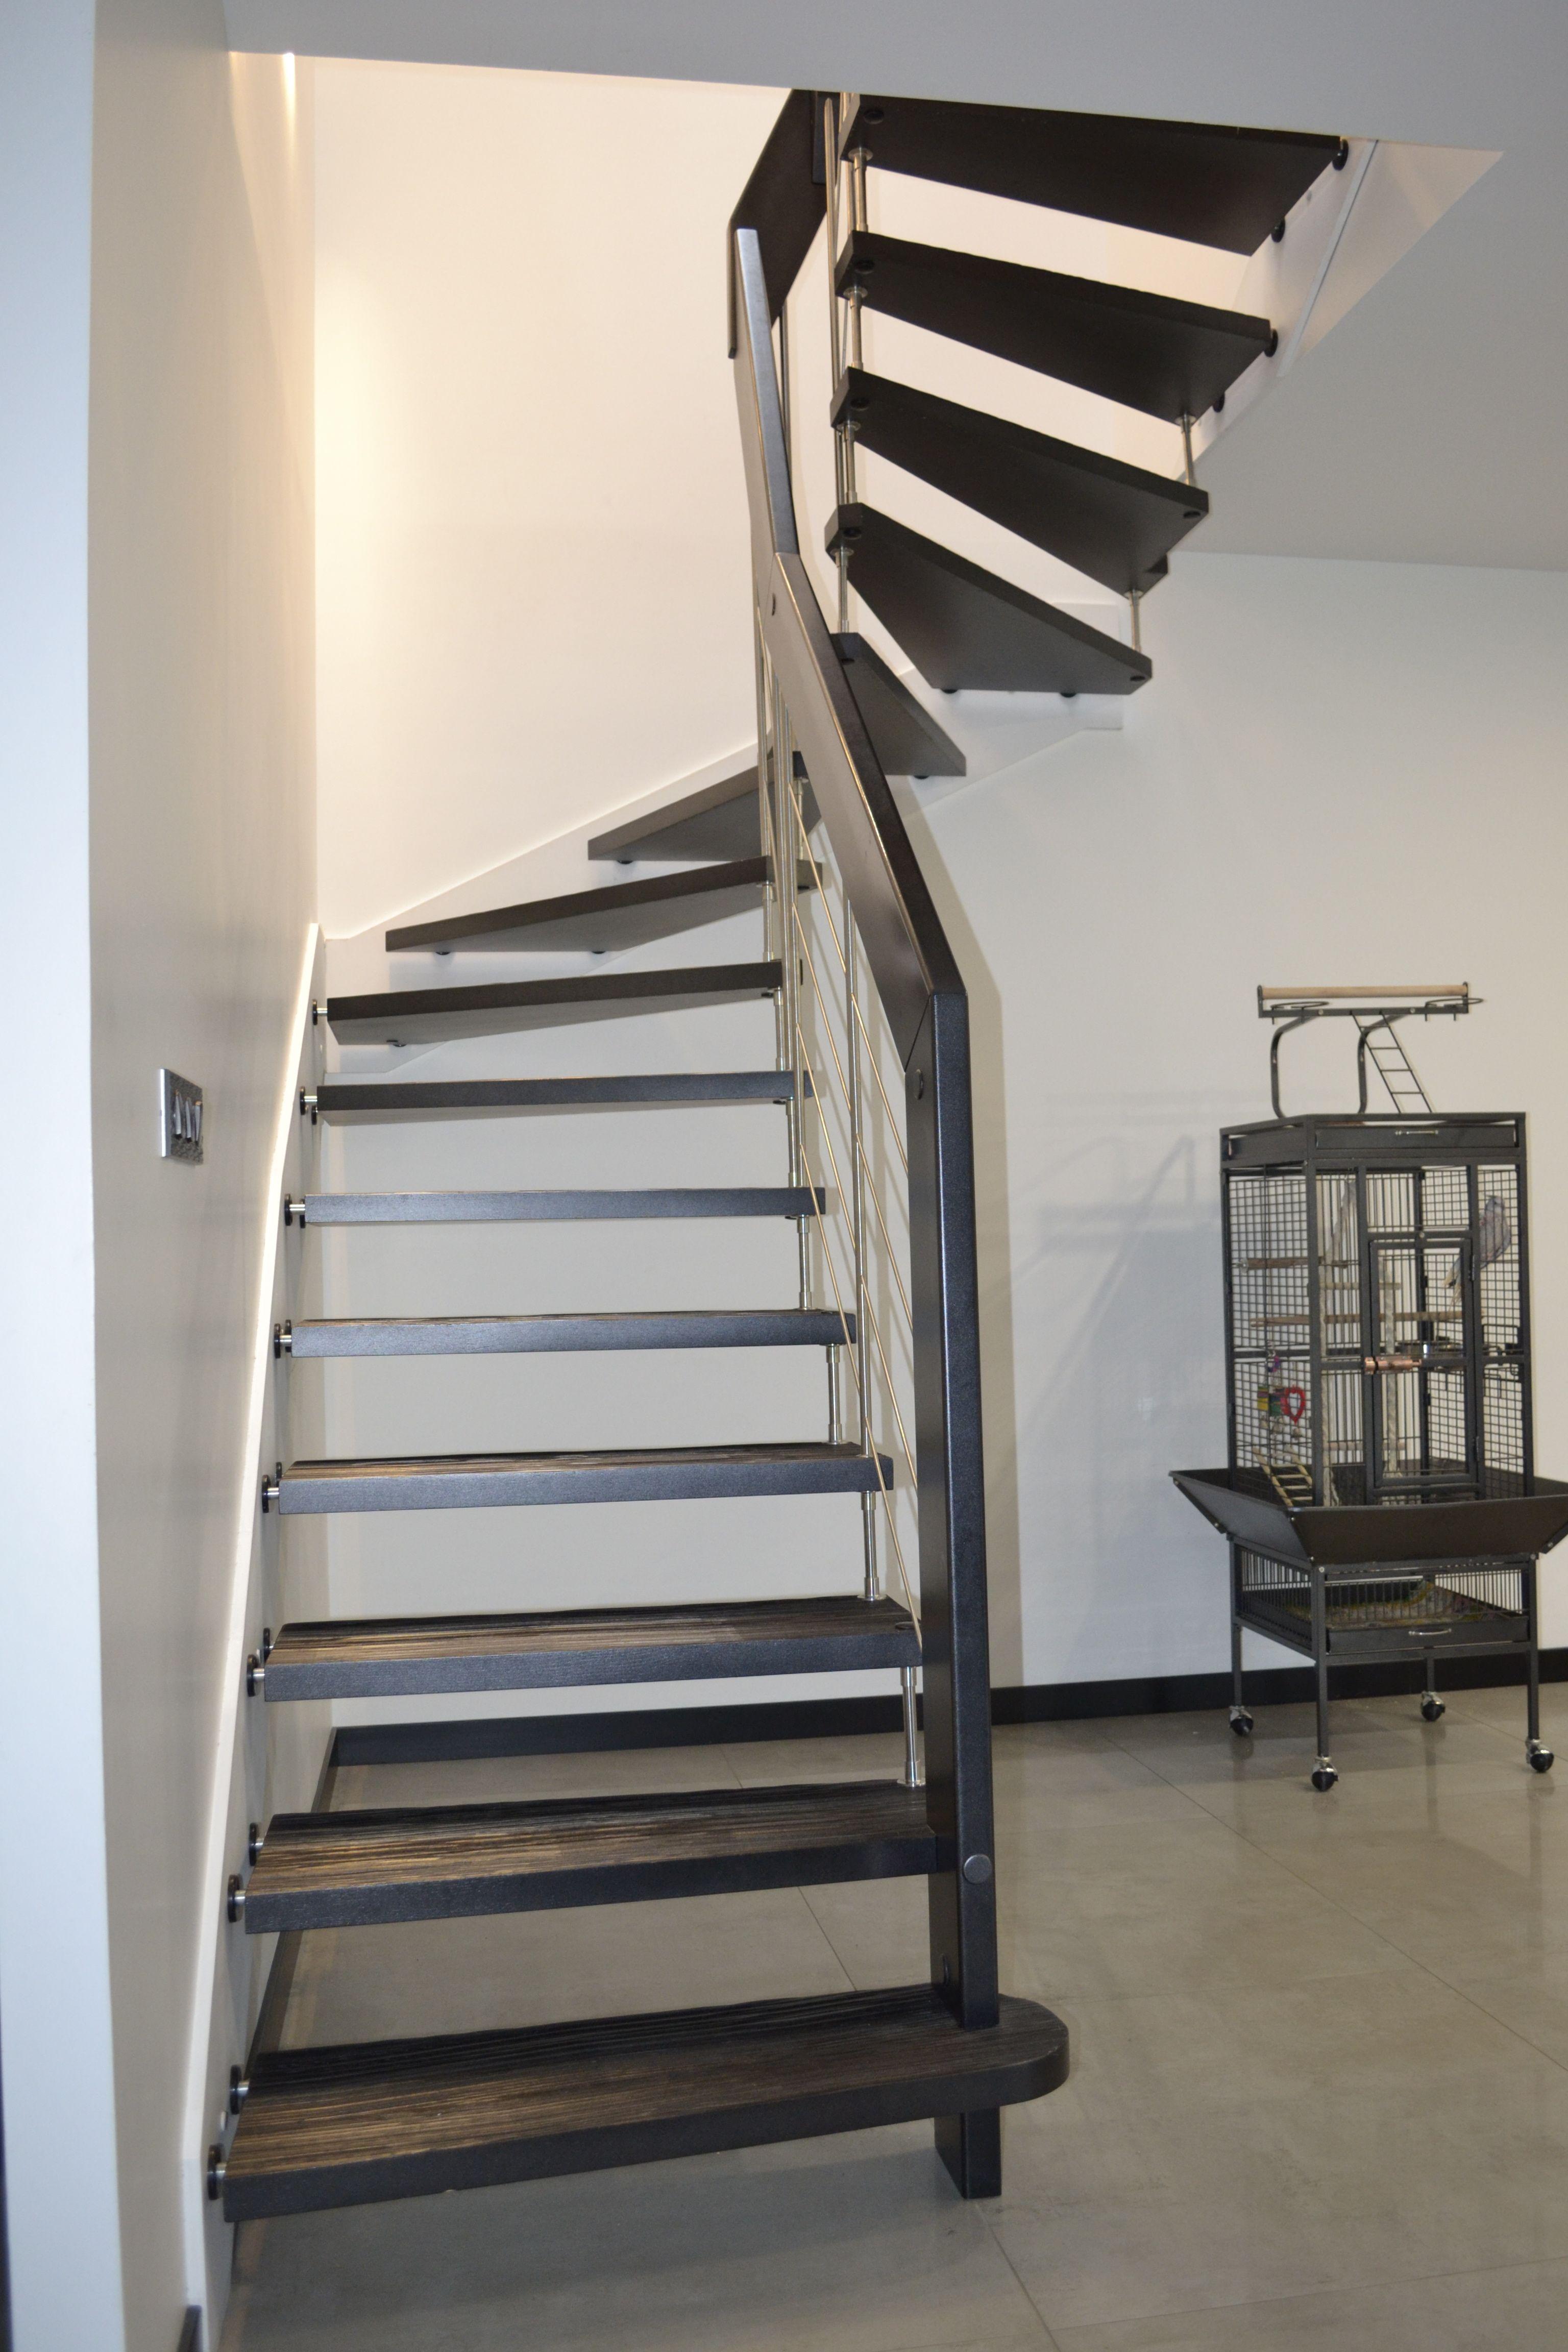 Escalier A Marches Suspendues Nova R6 Noir Avec Marches Senzu